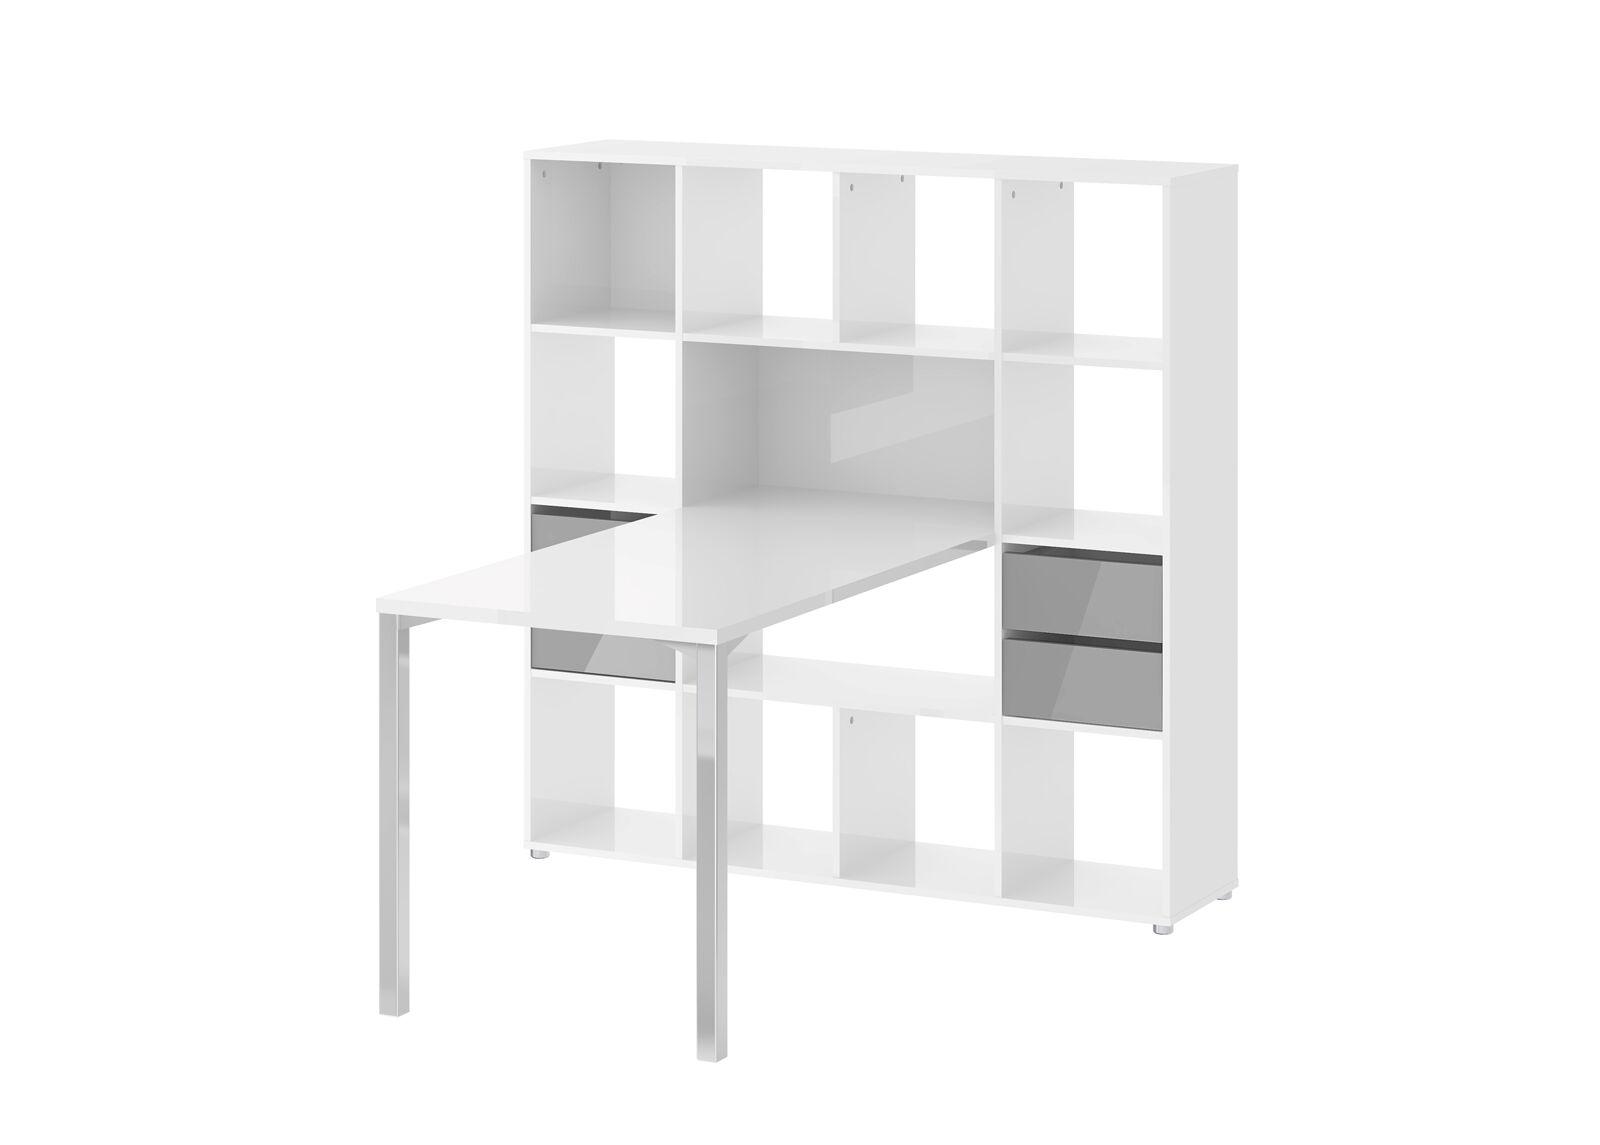 Tvilum Kirjoituspöytä+hylly FUNCTION PLUS